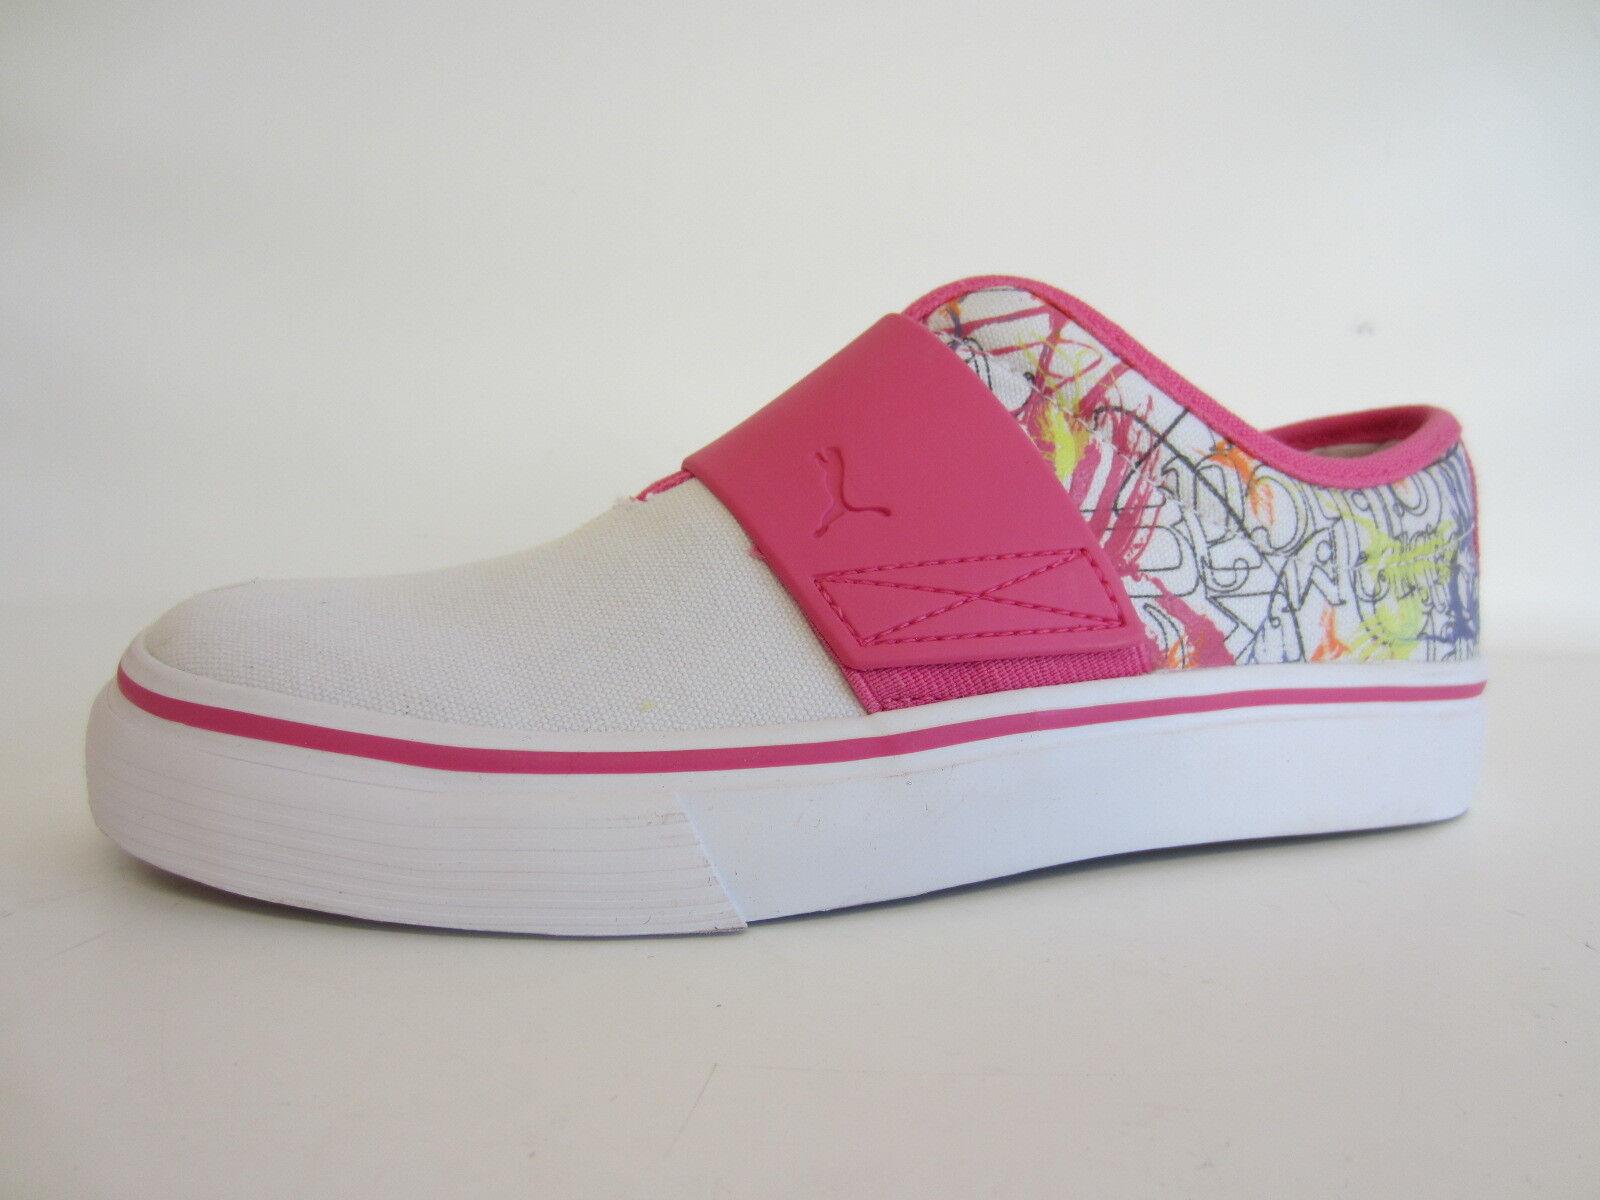 Puma Jamaica el rey 352868-01 damas blanco / precio rosa shocking reducción del precio / de los zapatos de lona de mercado de liquidación de temporada 49567e